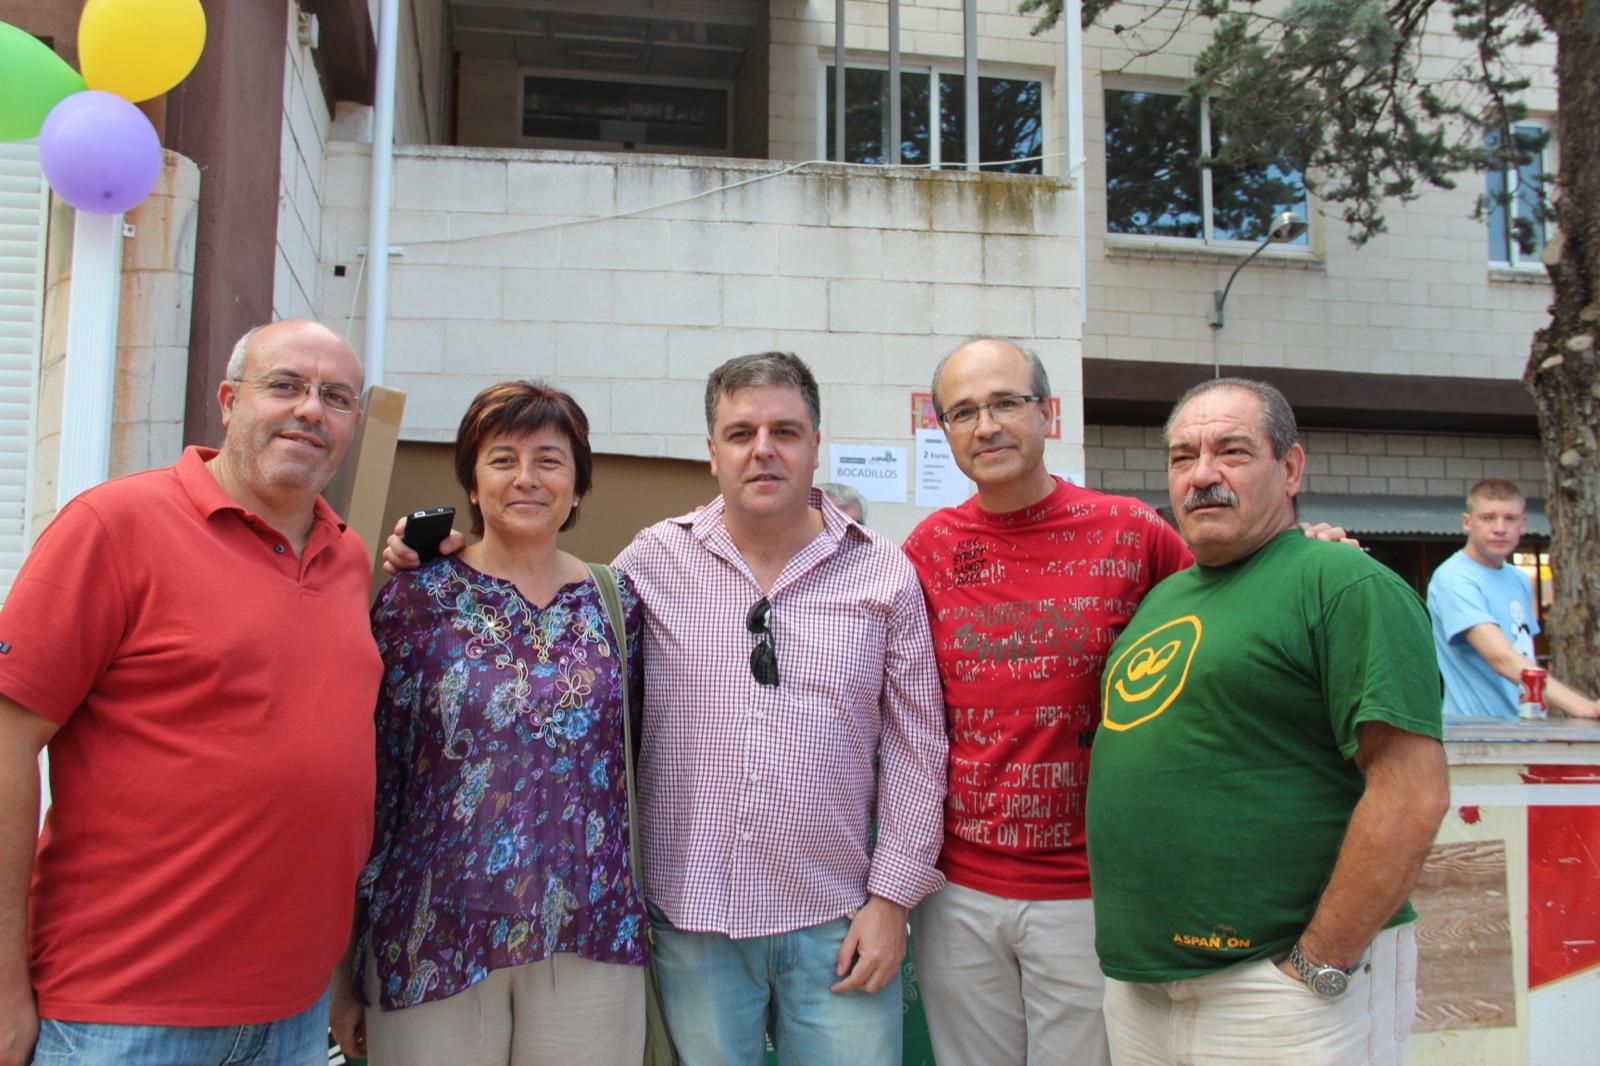 El gran día de ASPANION en Villena